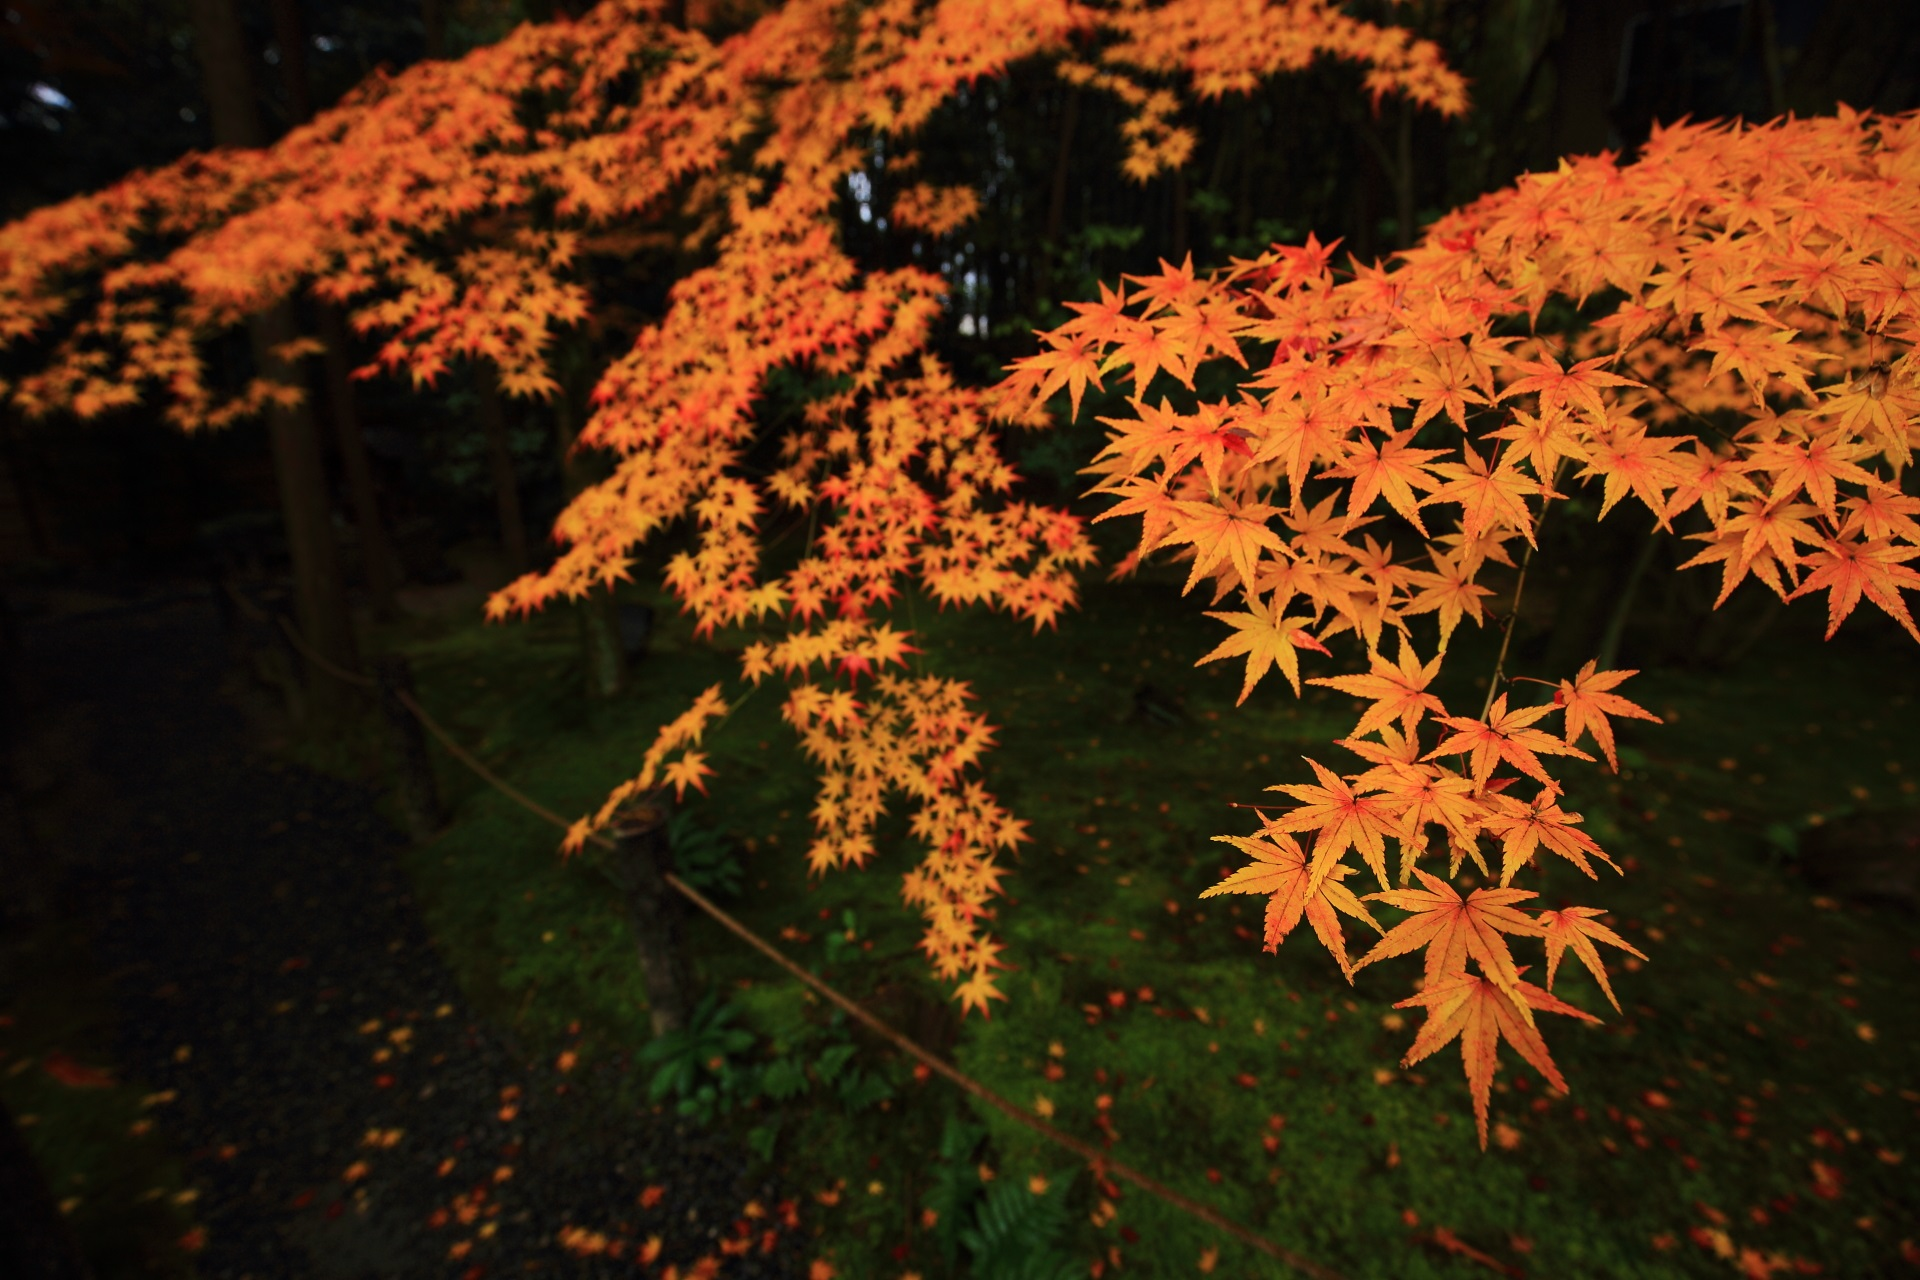 桂春院の晩秋を彩る極上のオレンジの紅葉